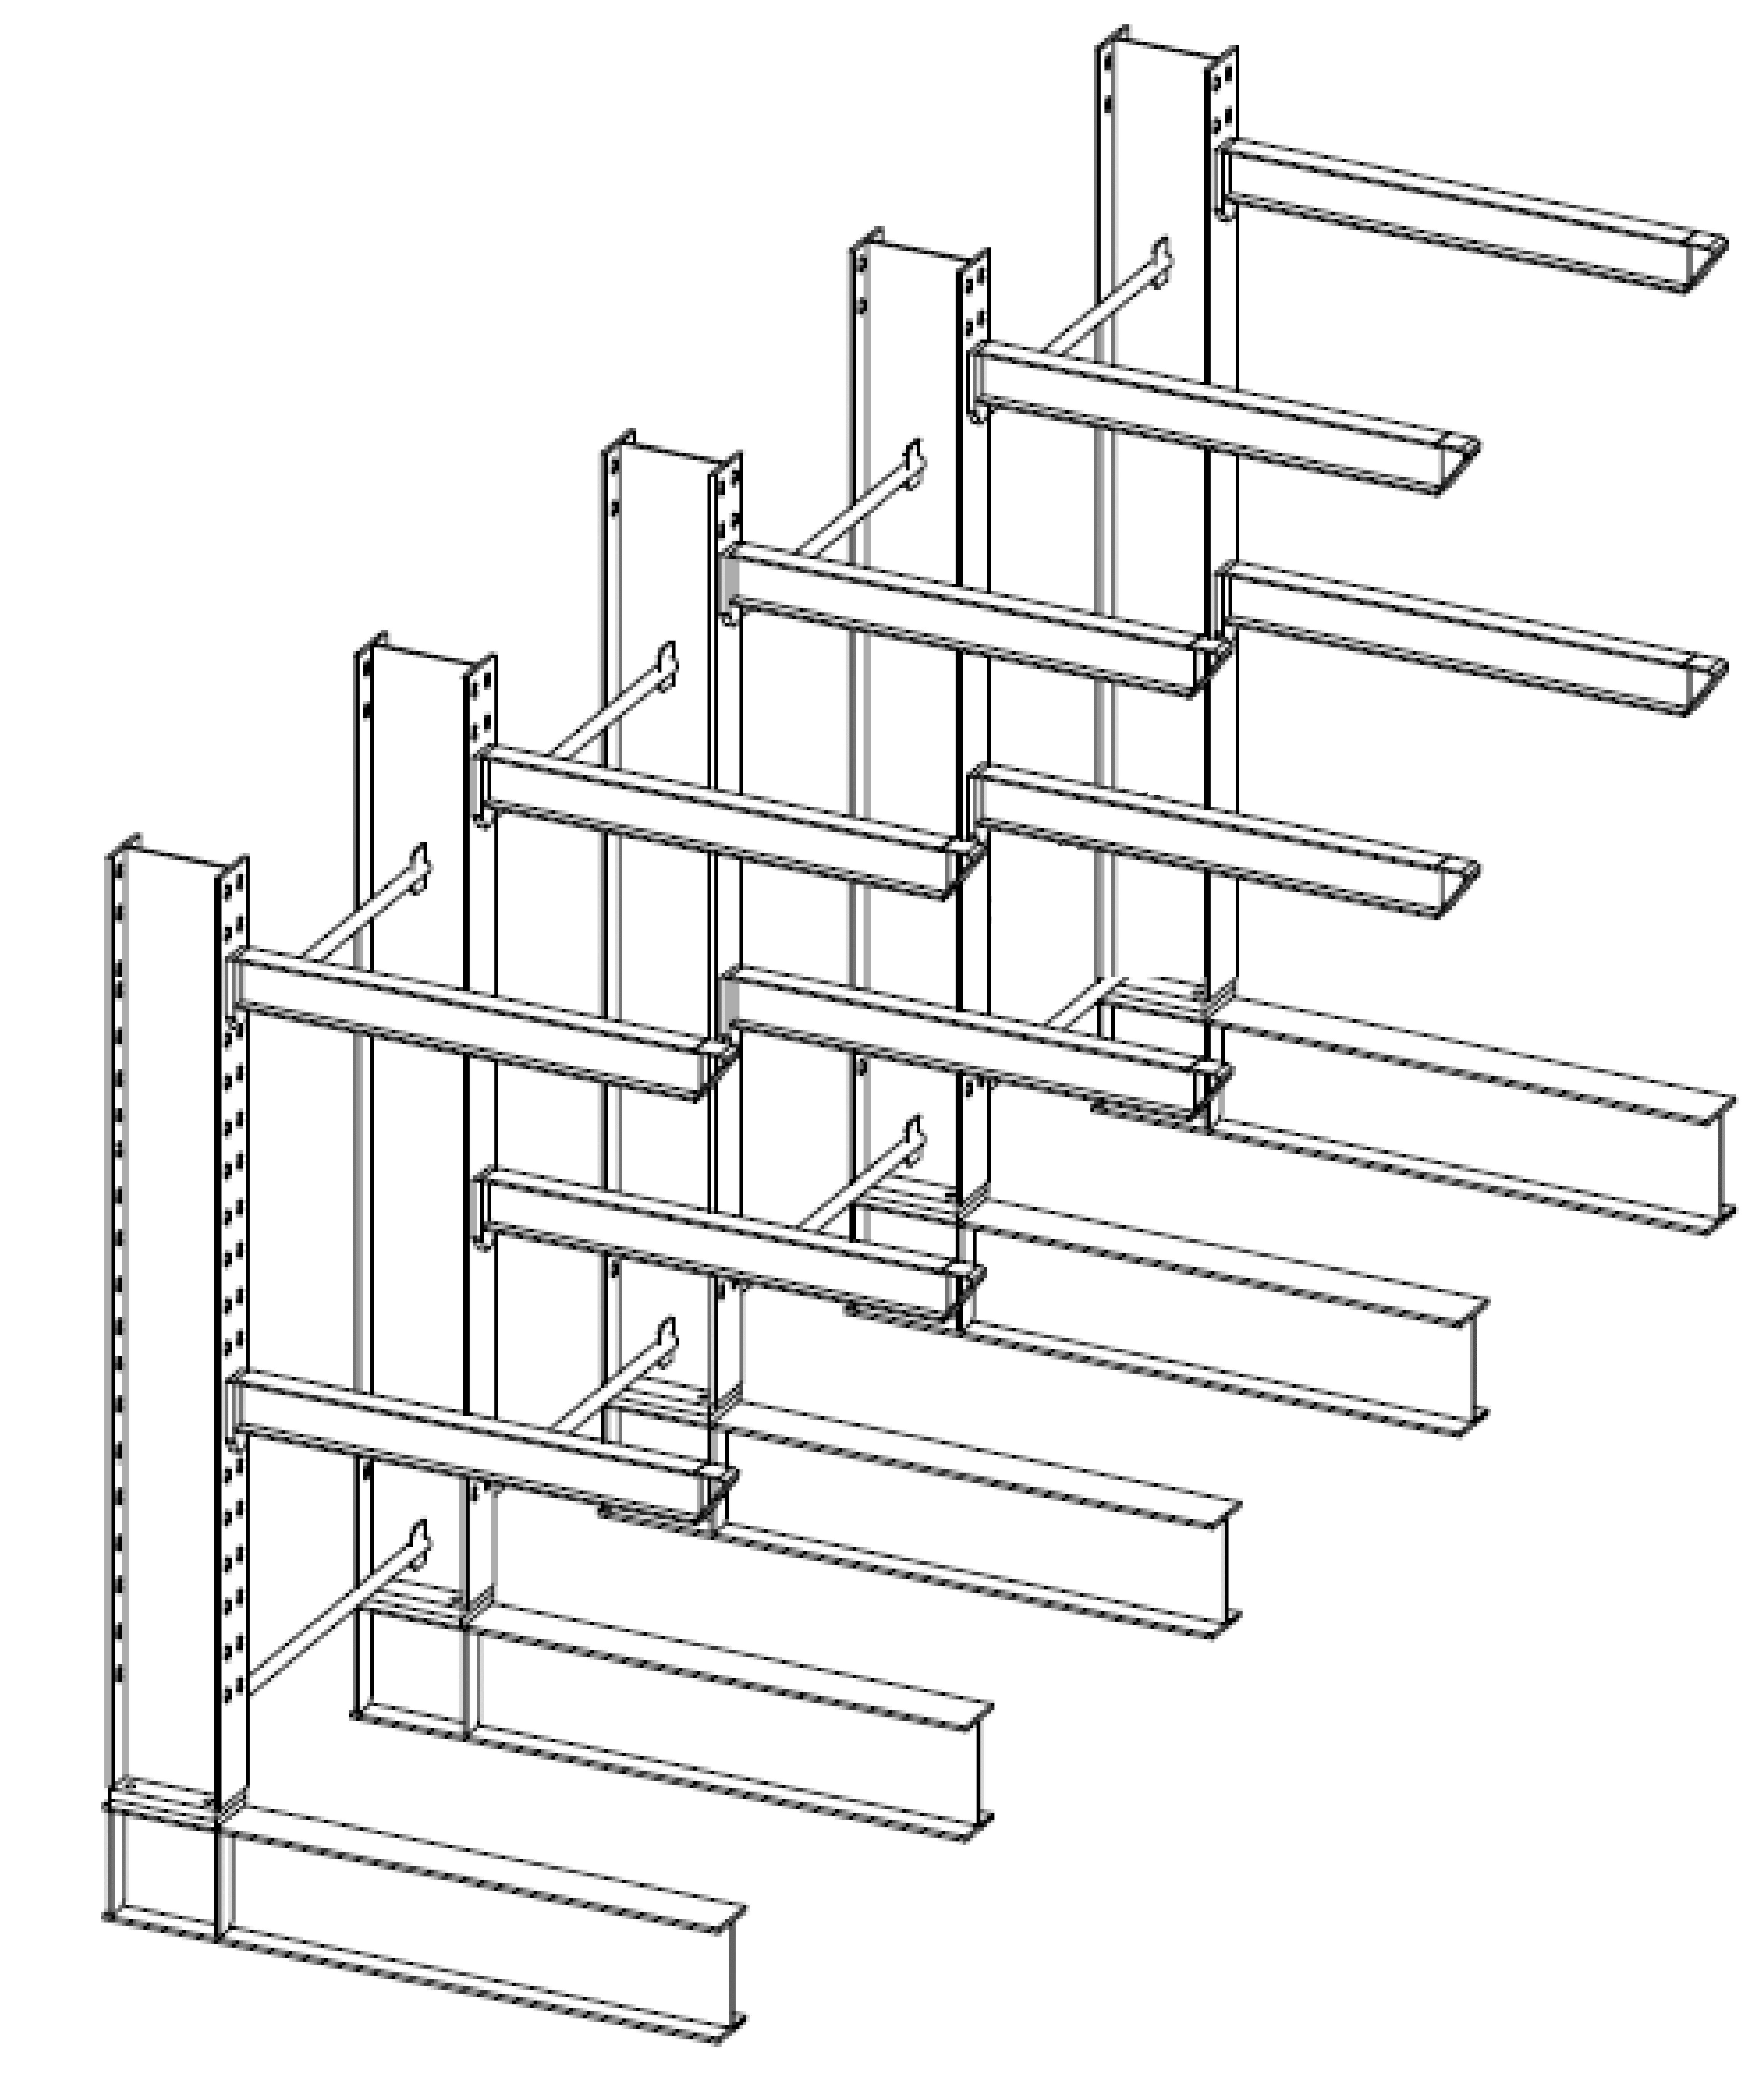 Enkelzijdige draagarmstelling voor binnen met 3 niveaus van 1.200 mm diep.